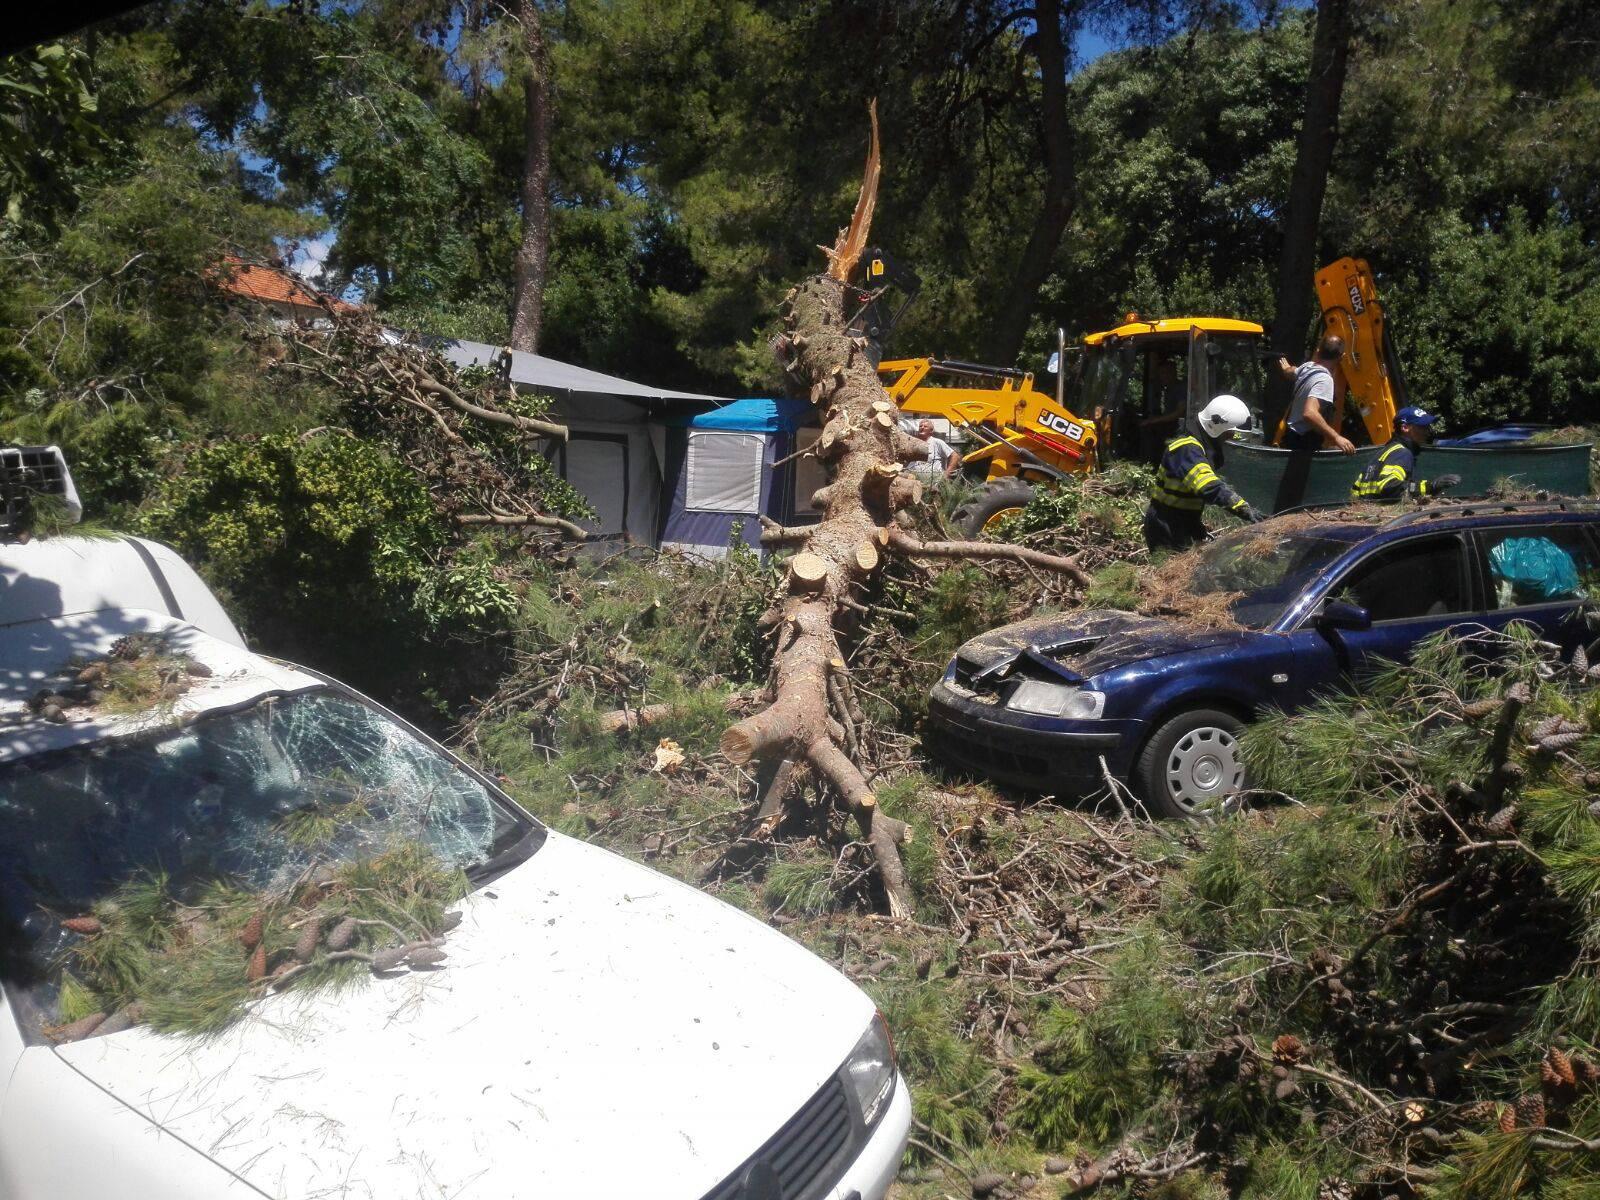 Srušilo se stablo  u autokampu: Grana je ozlijedila dvoje djece